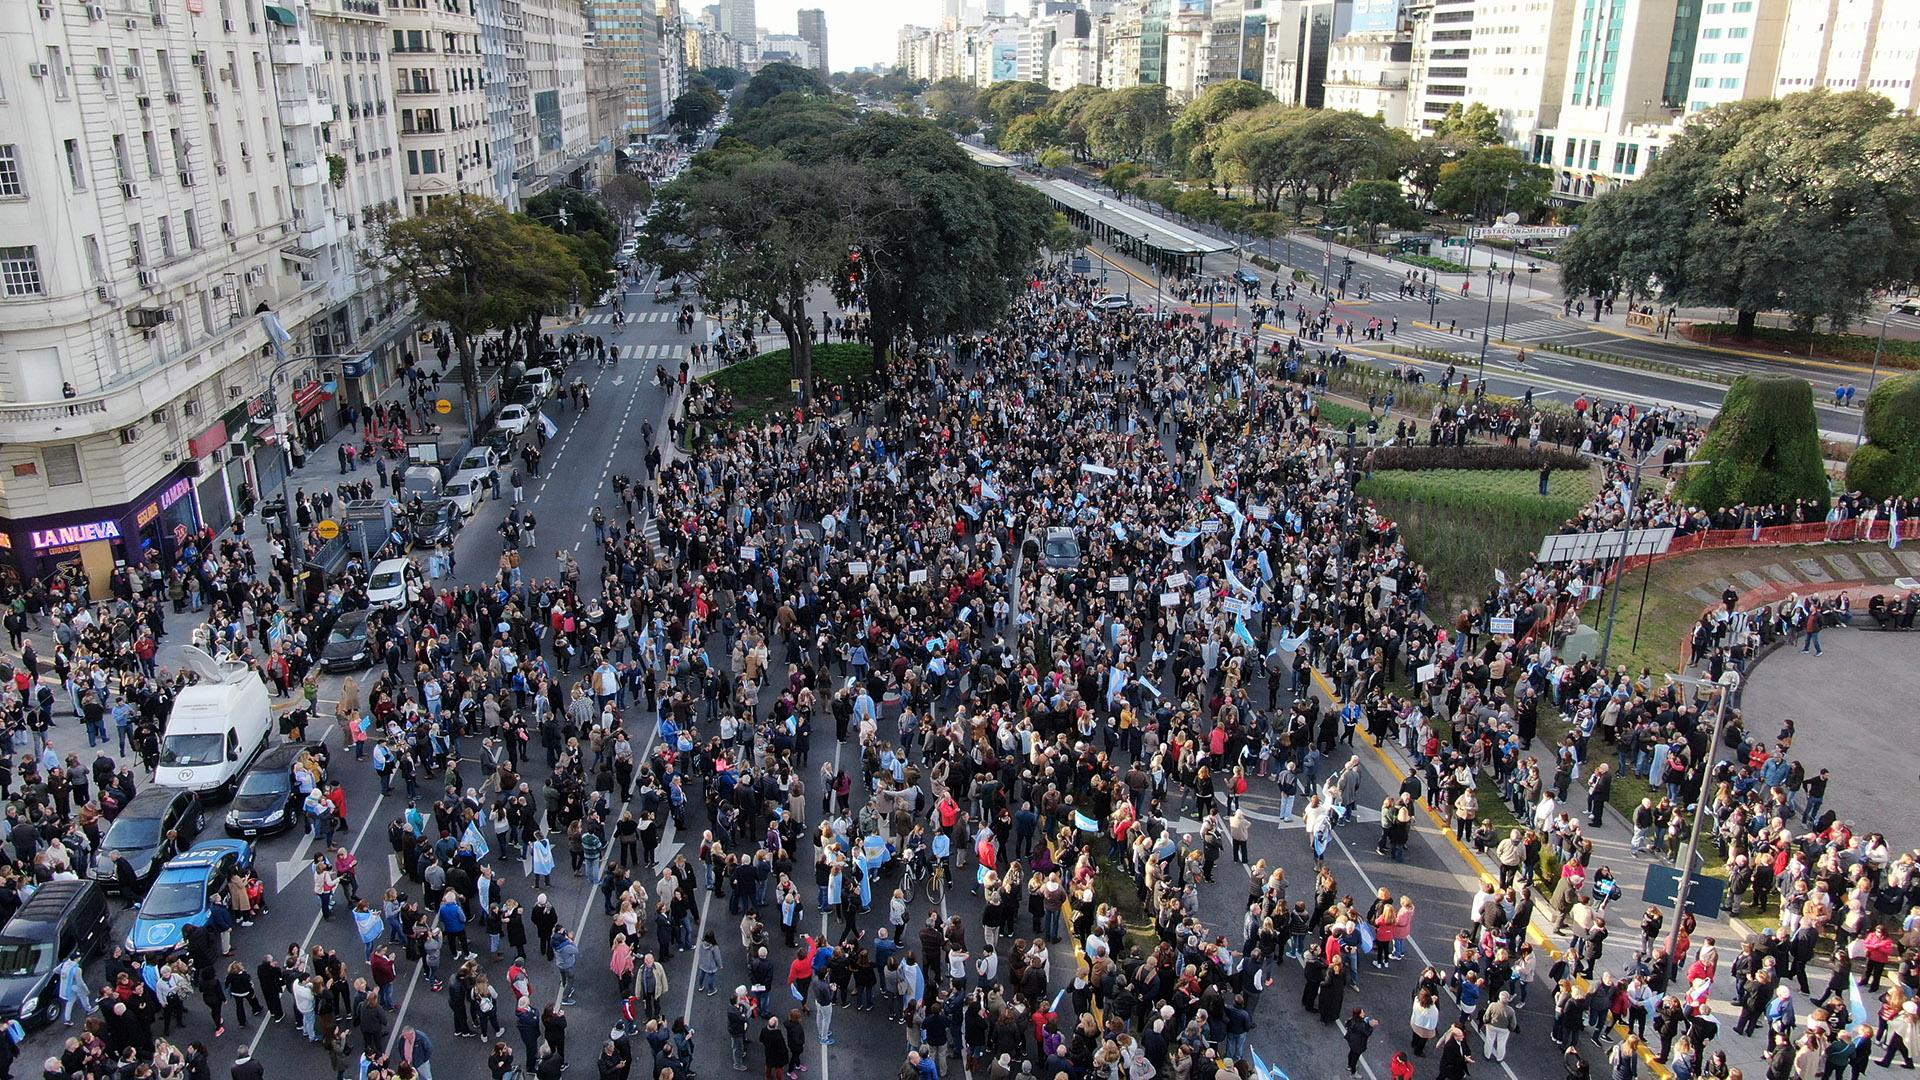 La gente fue llegando espontáneamente a la concentración en la 9 de Julio alrededor del Obelisco